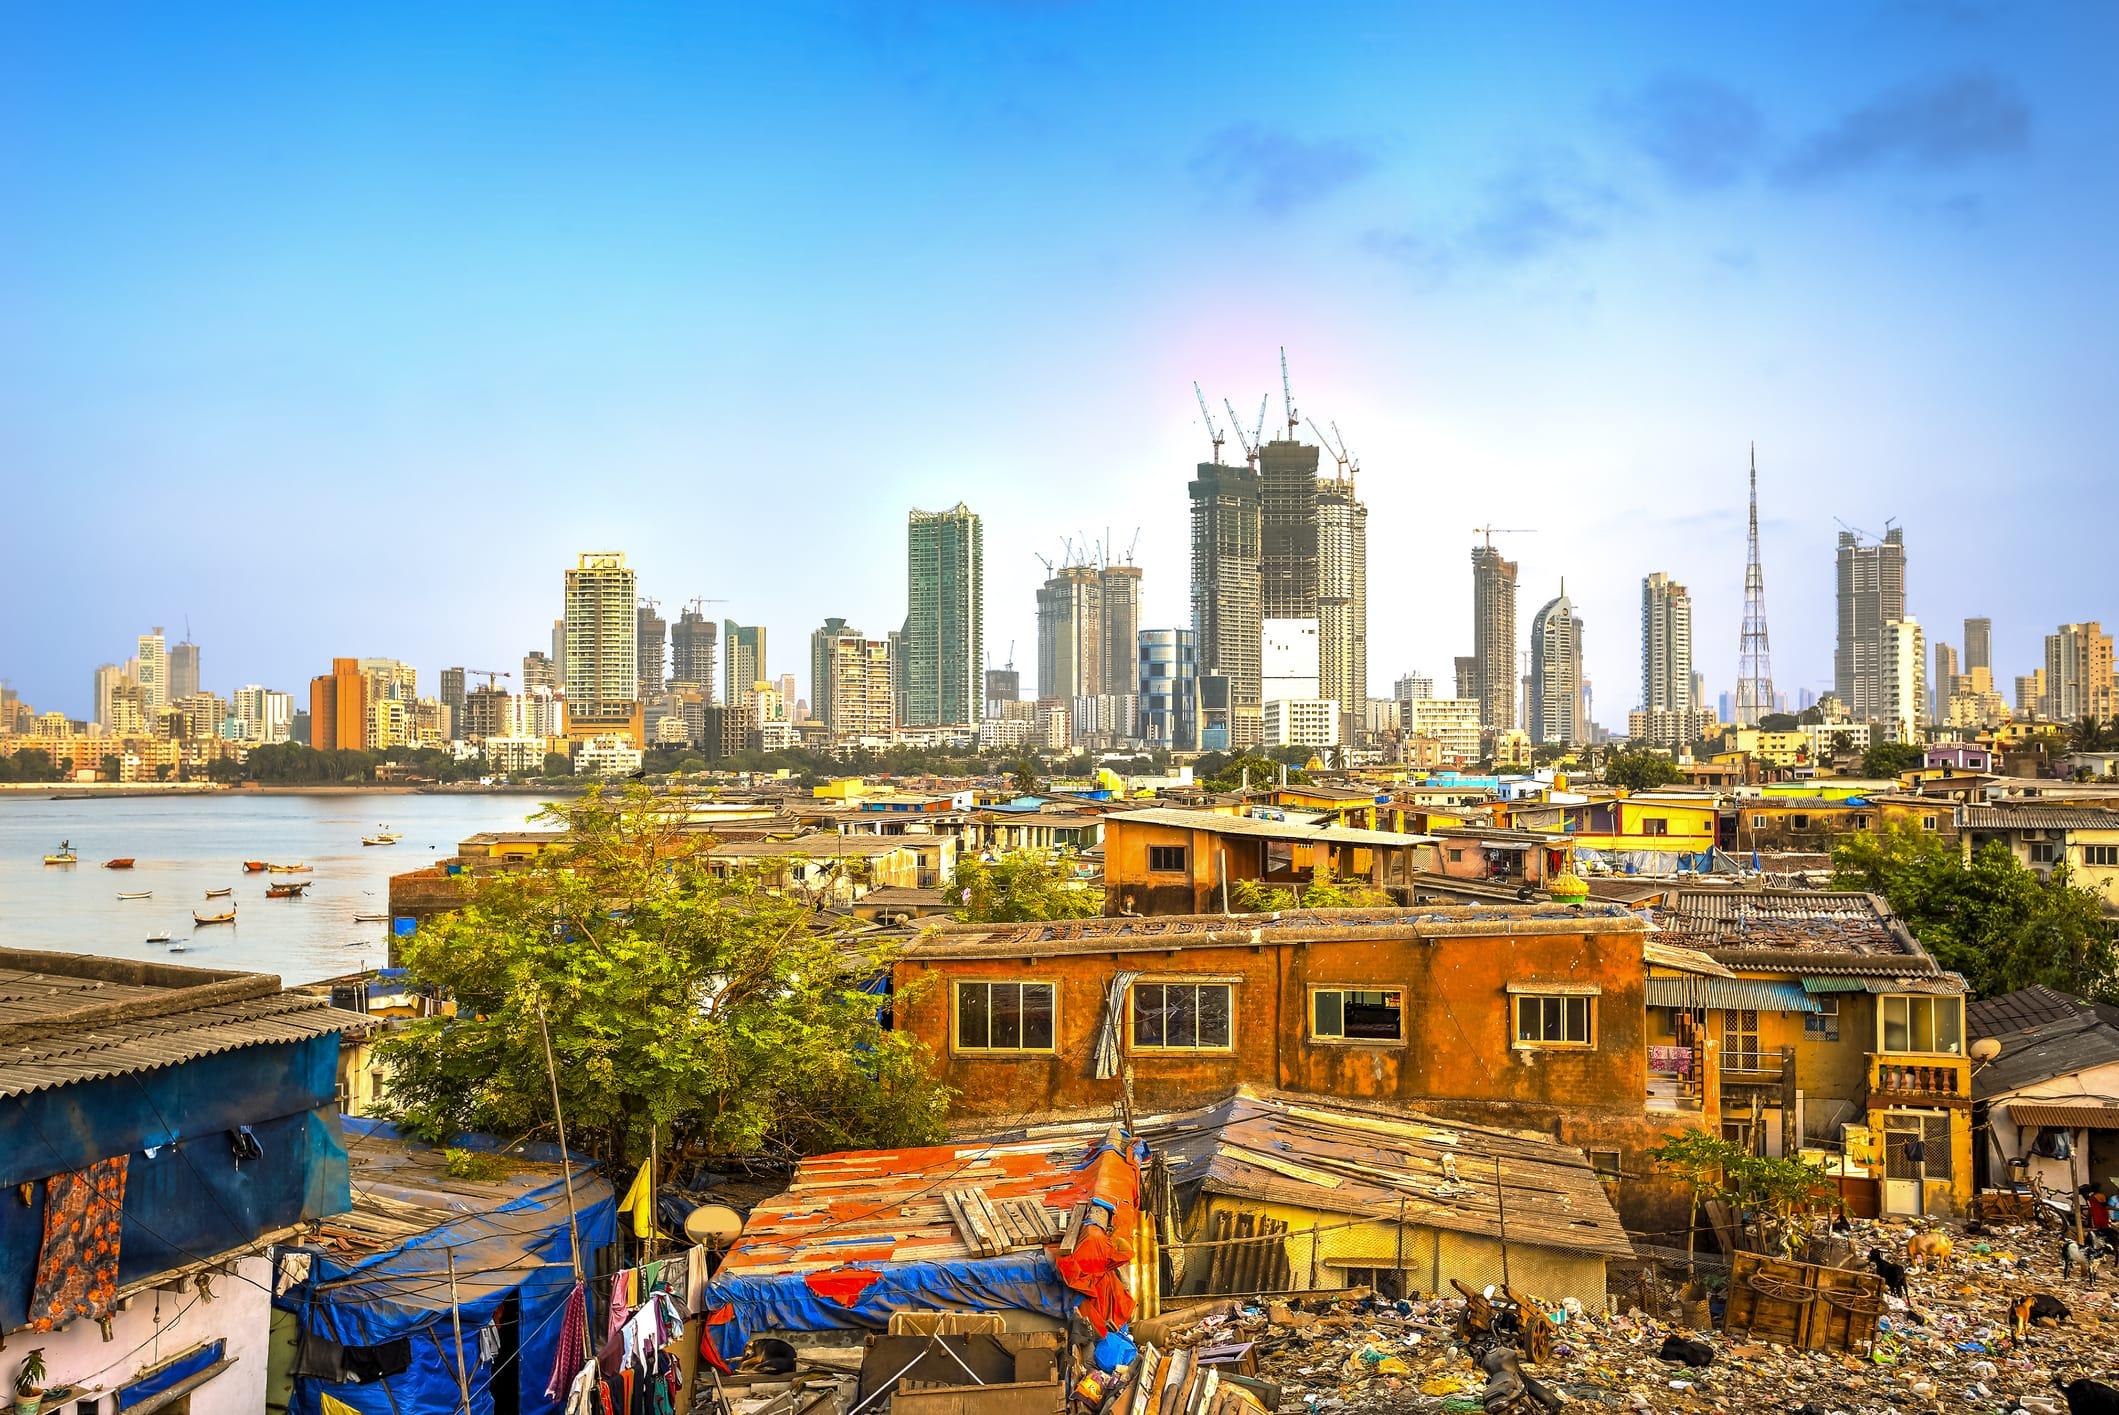 Skyline von Mumbai, Indien. Im Vordergrund ein Slum